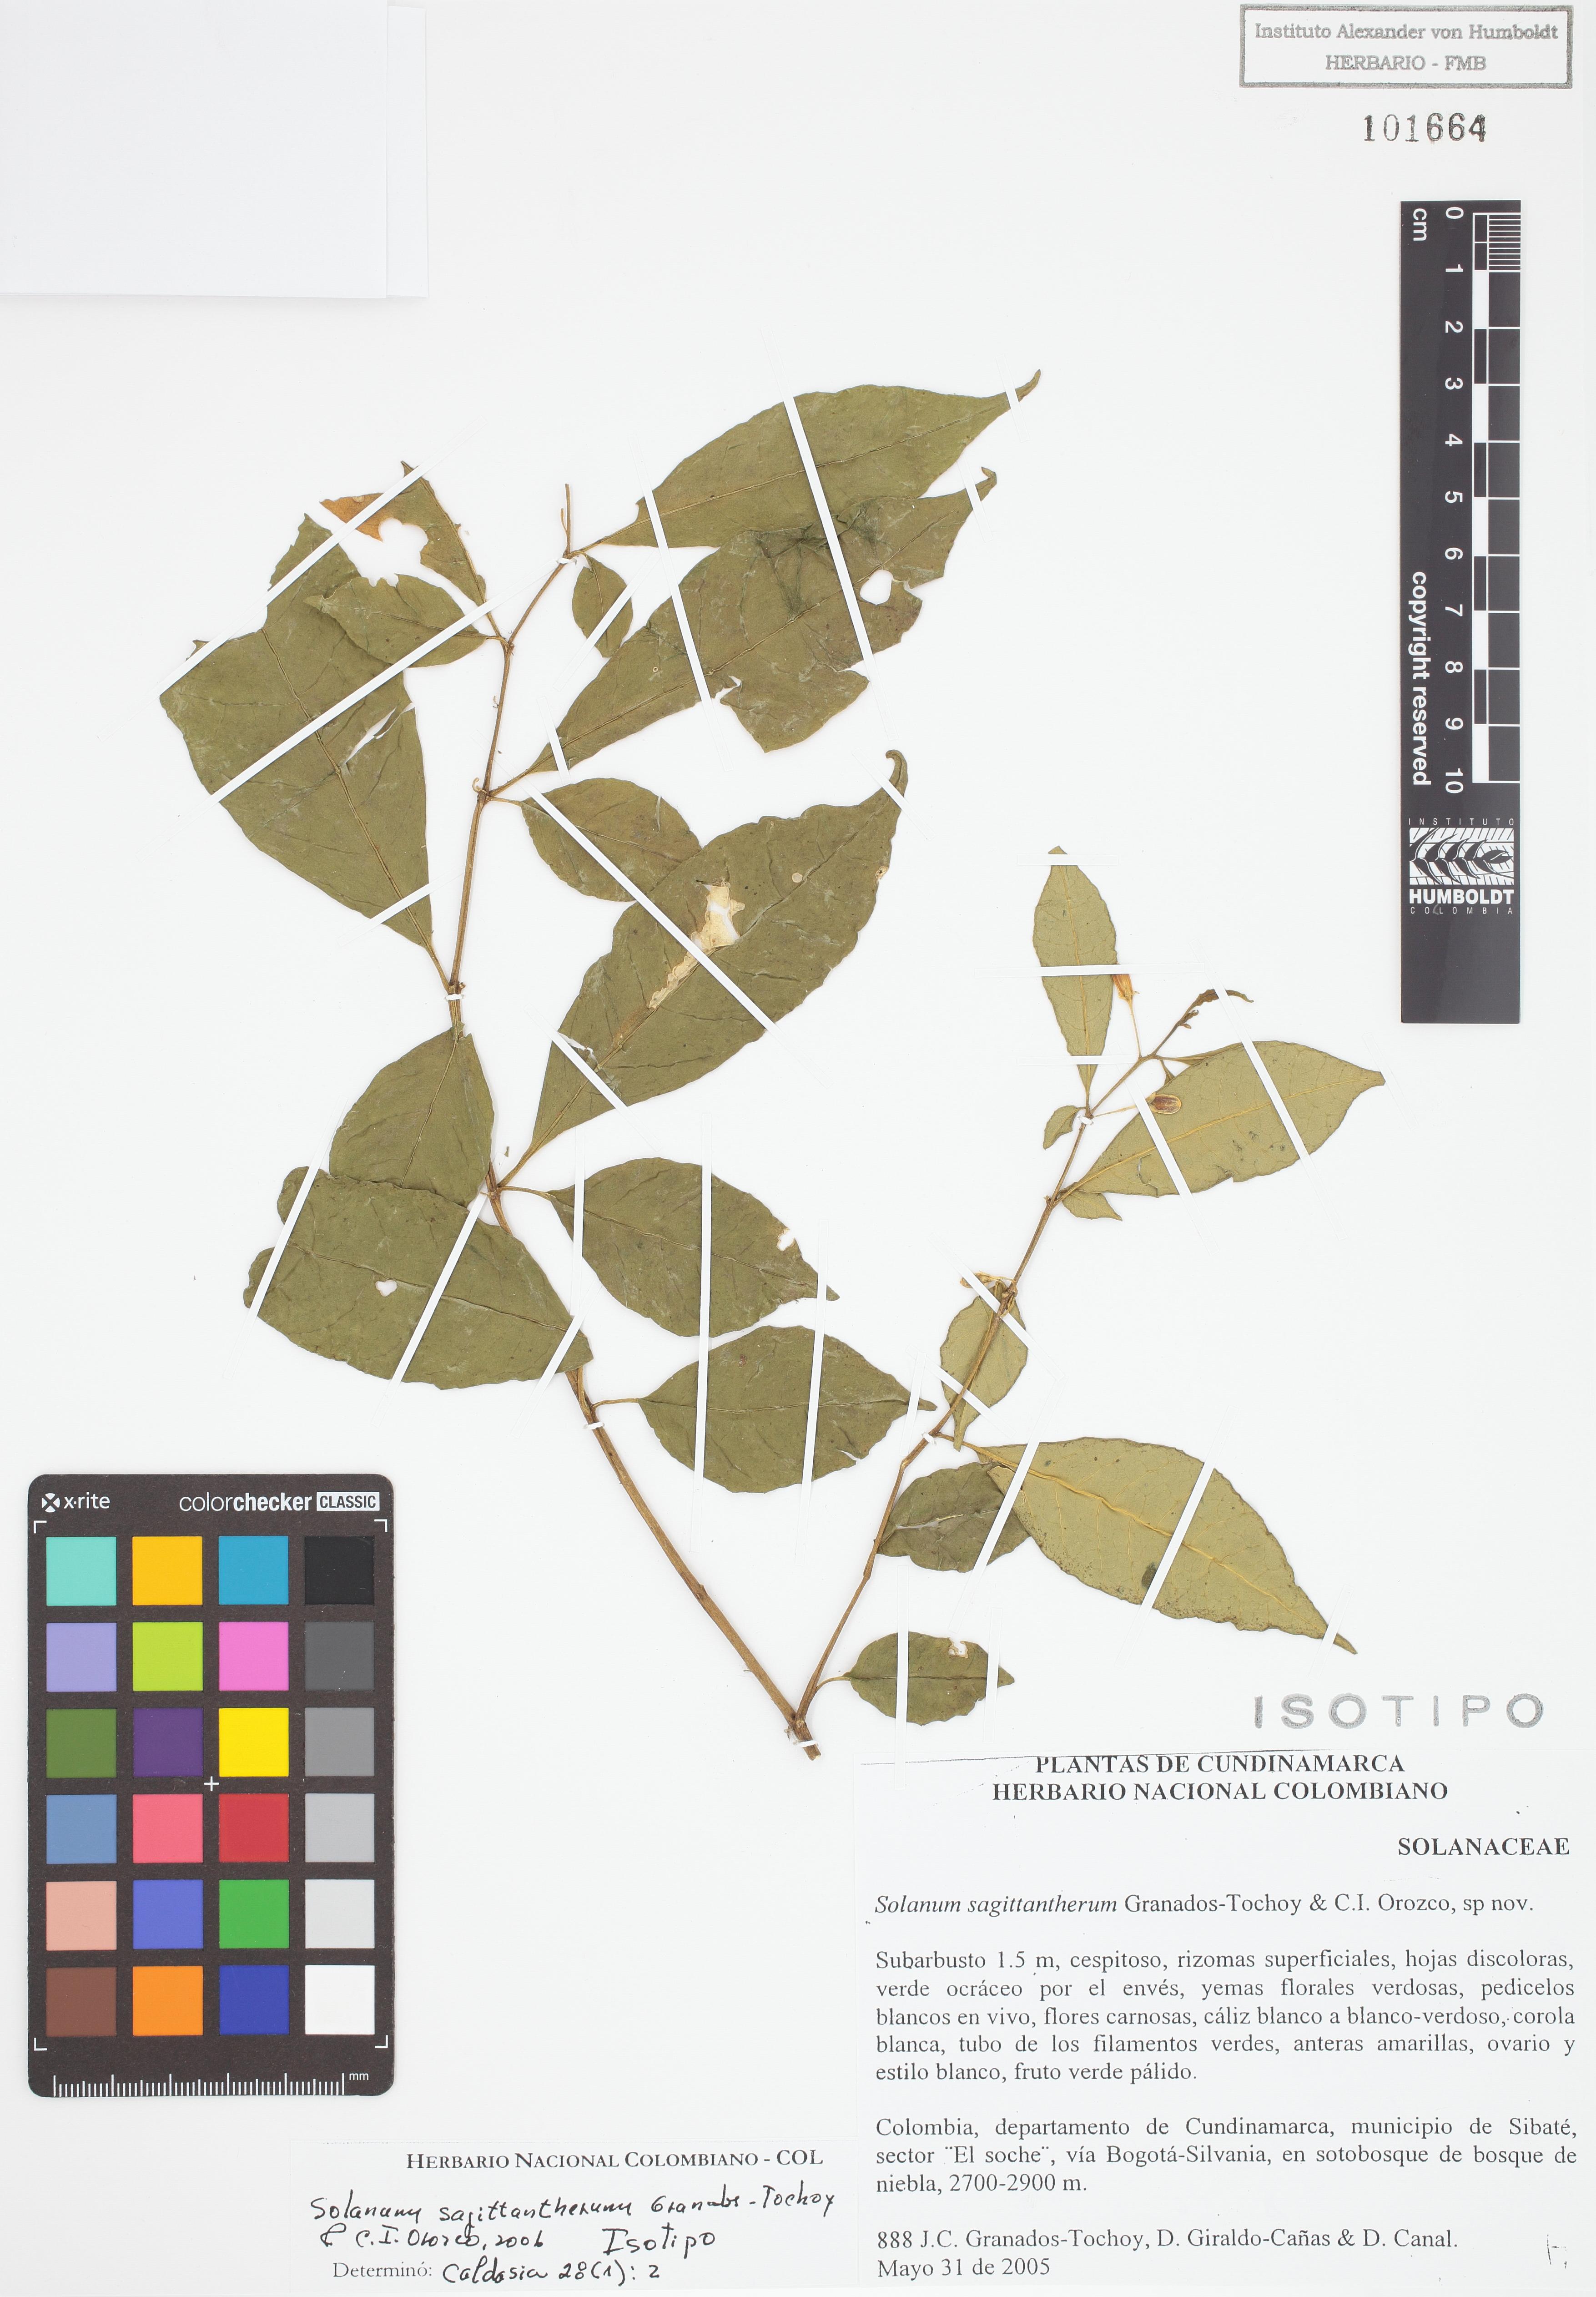 Isotipo de <em>Solanum sagittantherum</em>, FMB-101664, Fotografía por Robles A.